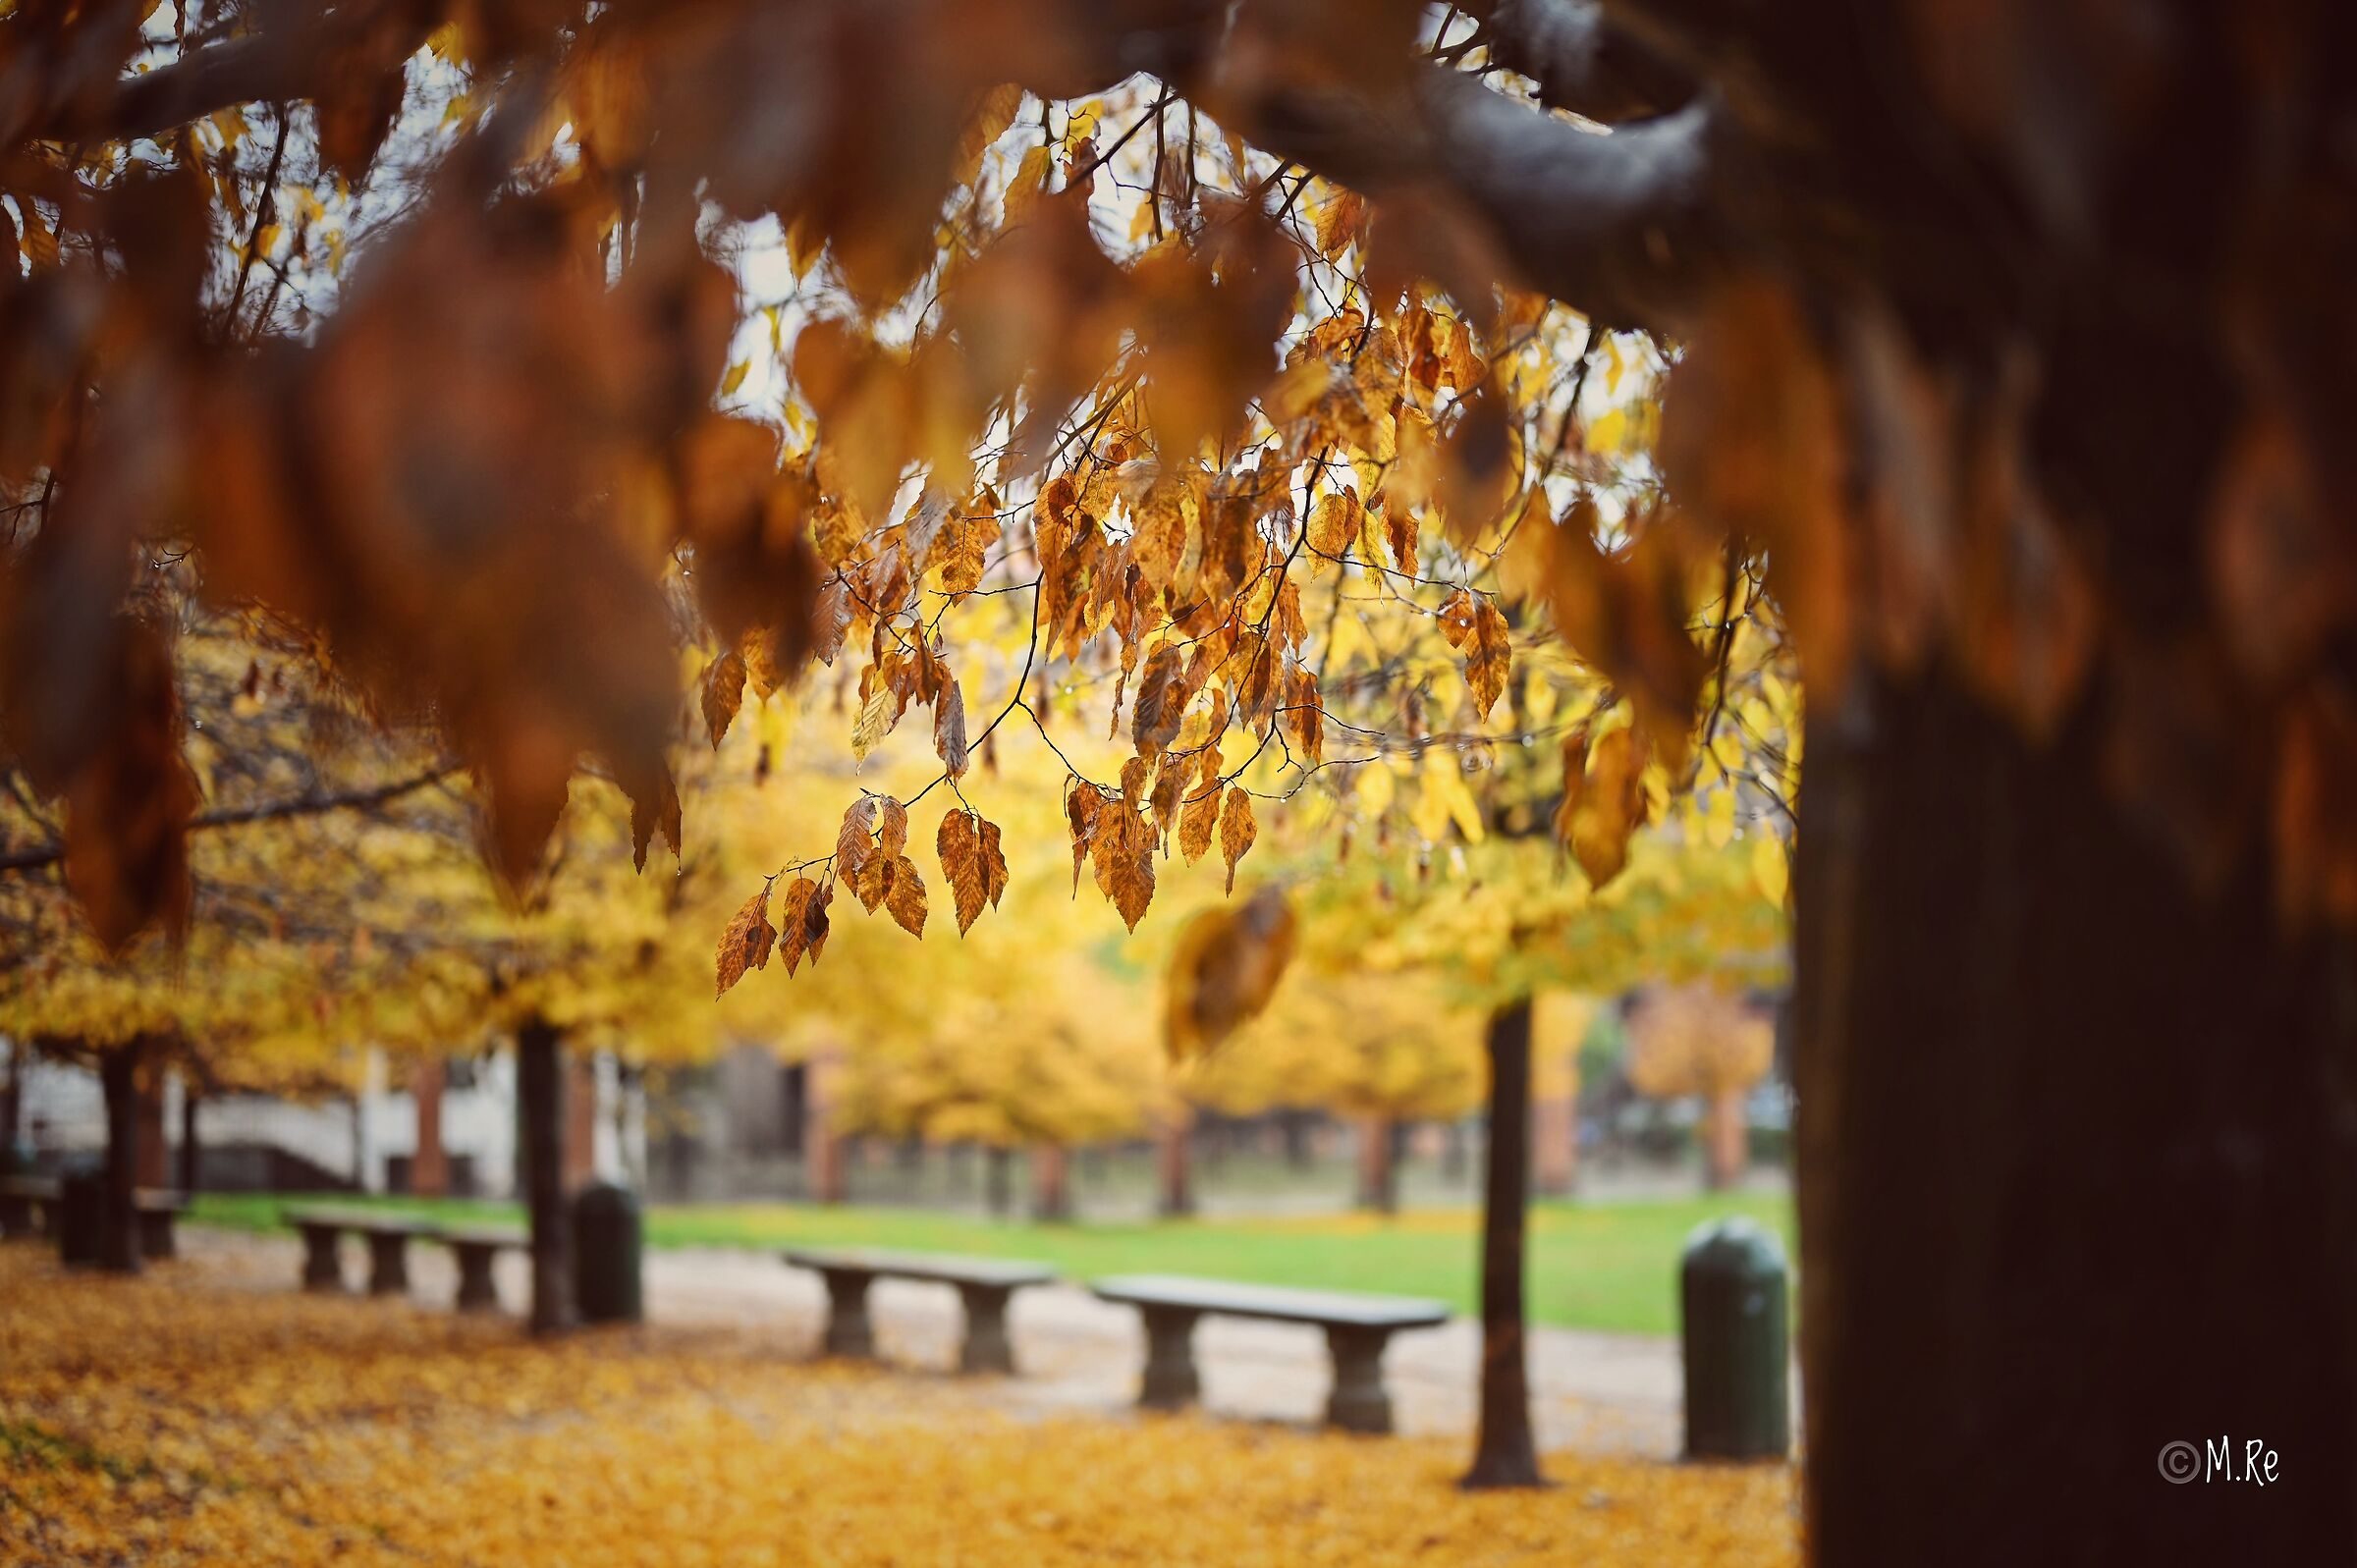 Park in autumn...